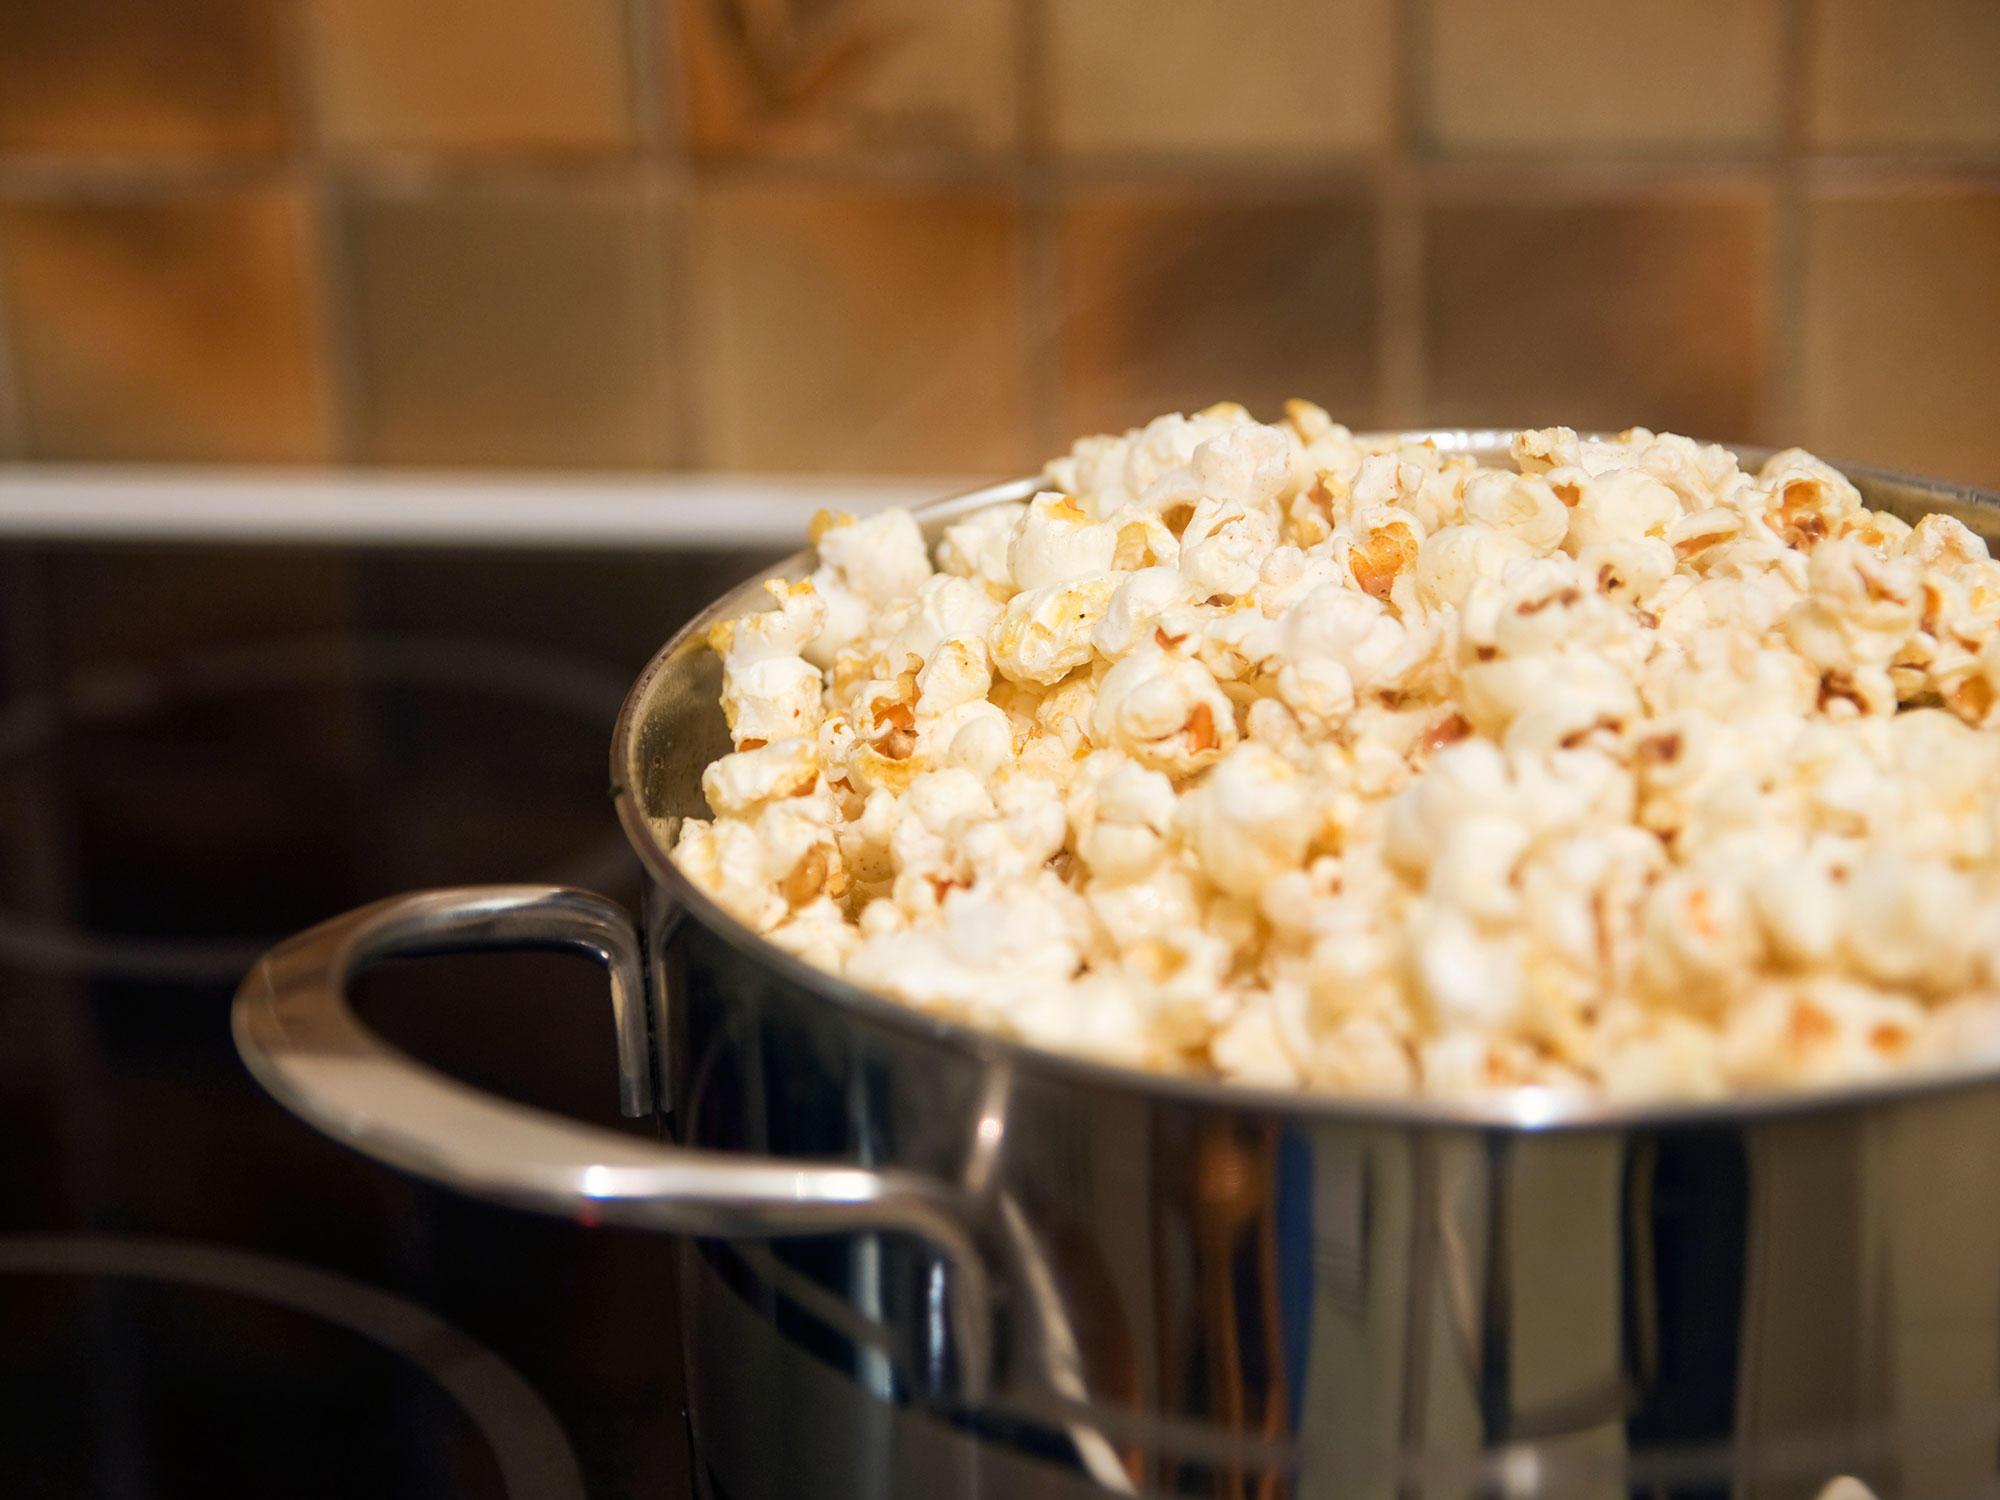 3 Ways to Make Popcorn That Won't Cause Lung Disease 1802wStoveTopPopcorn